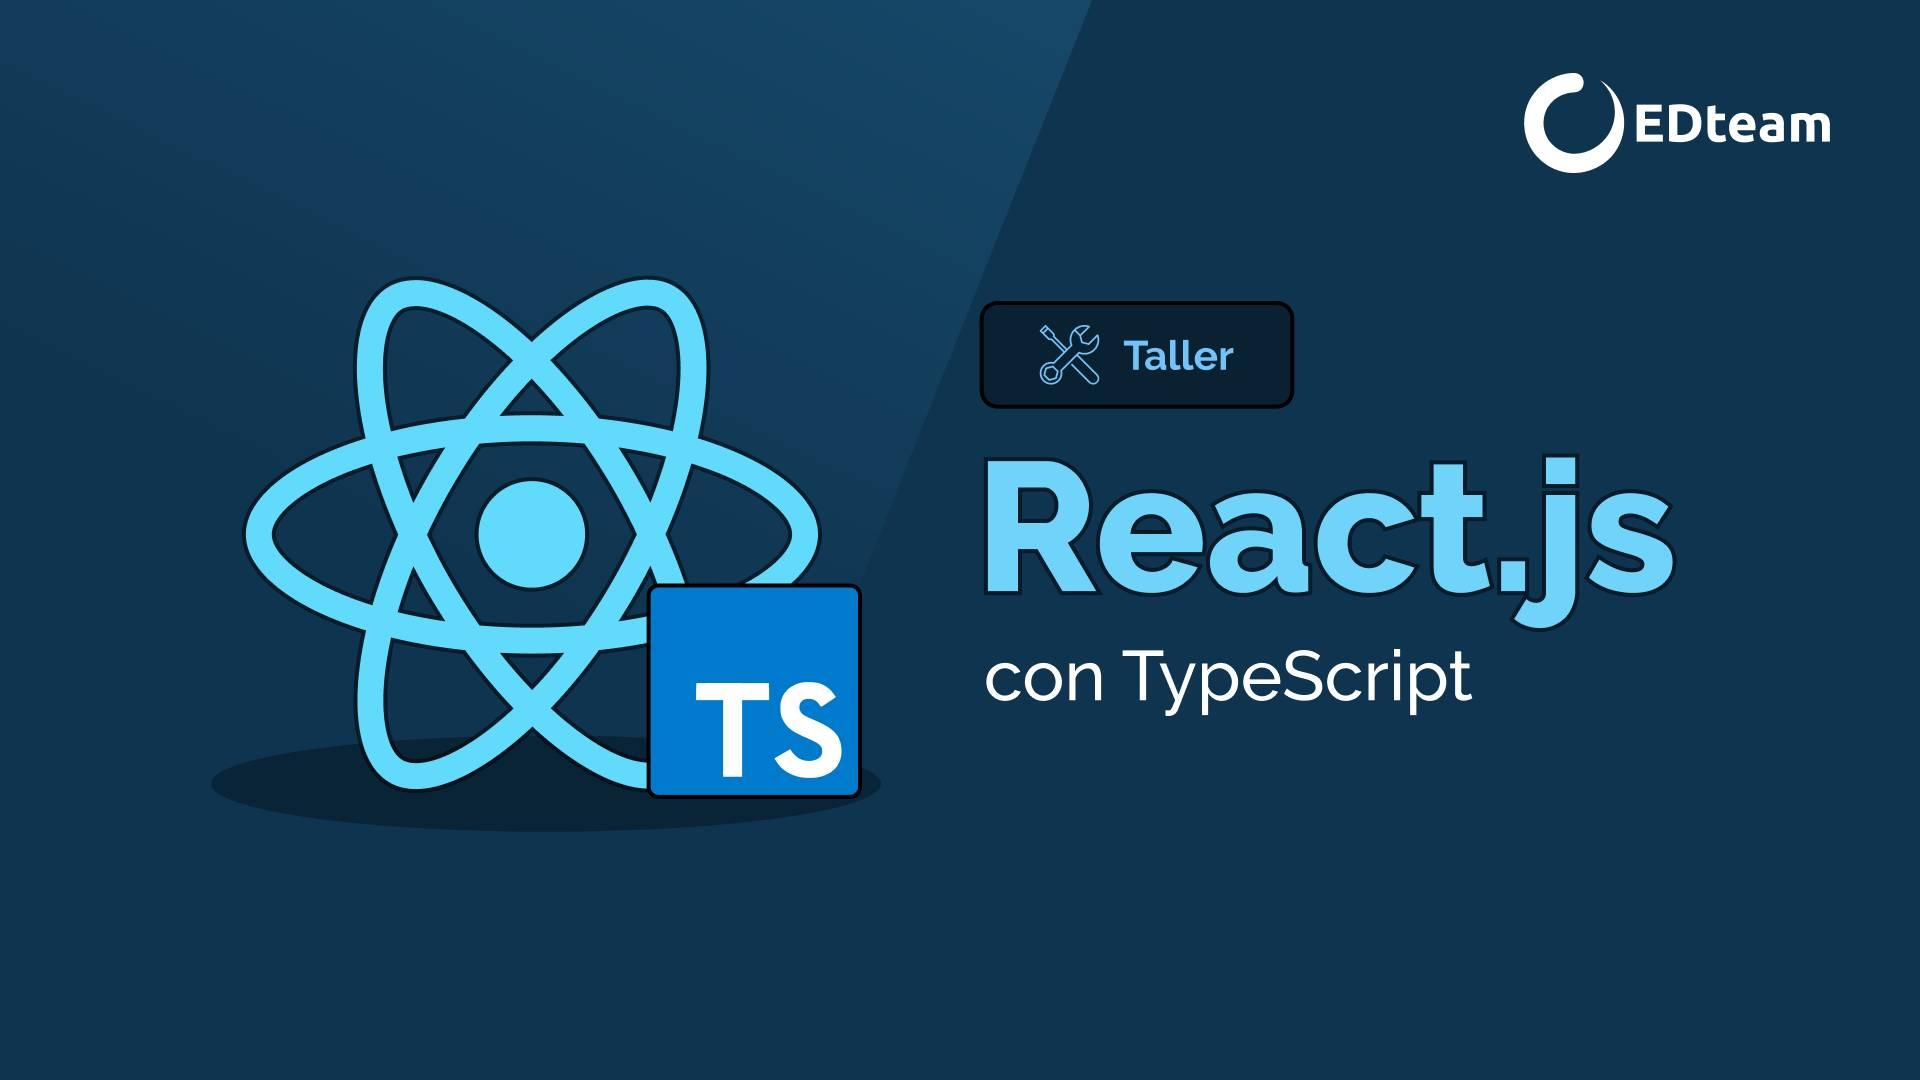 React.js con TypeScript